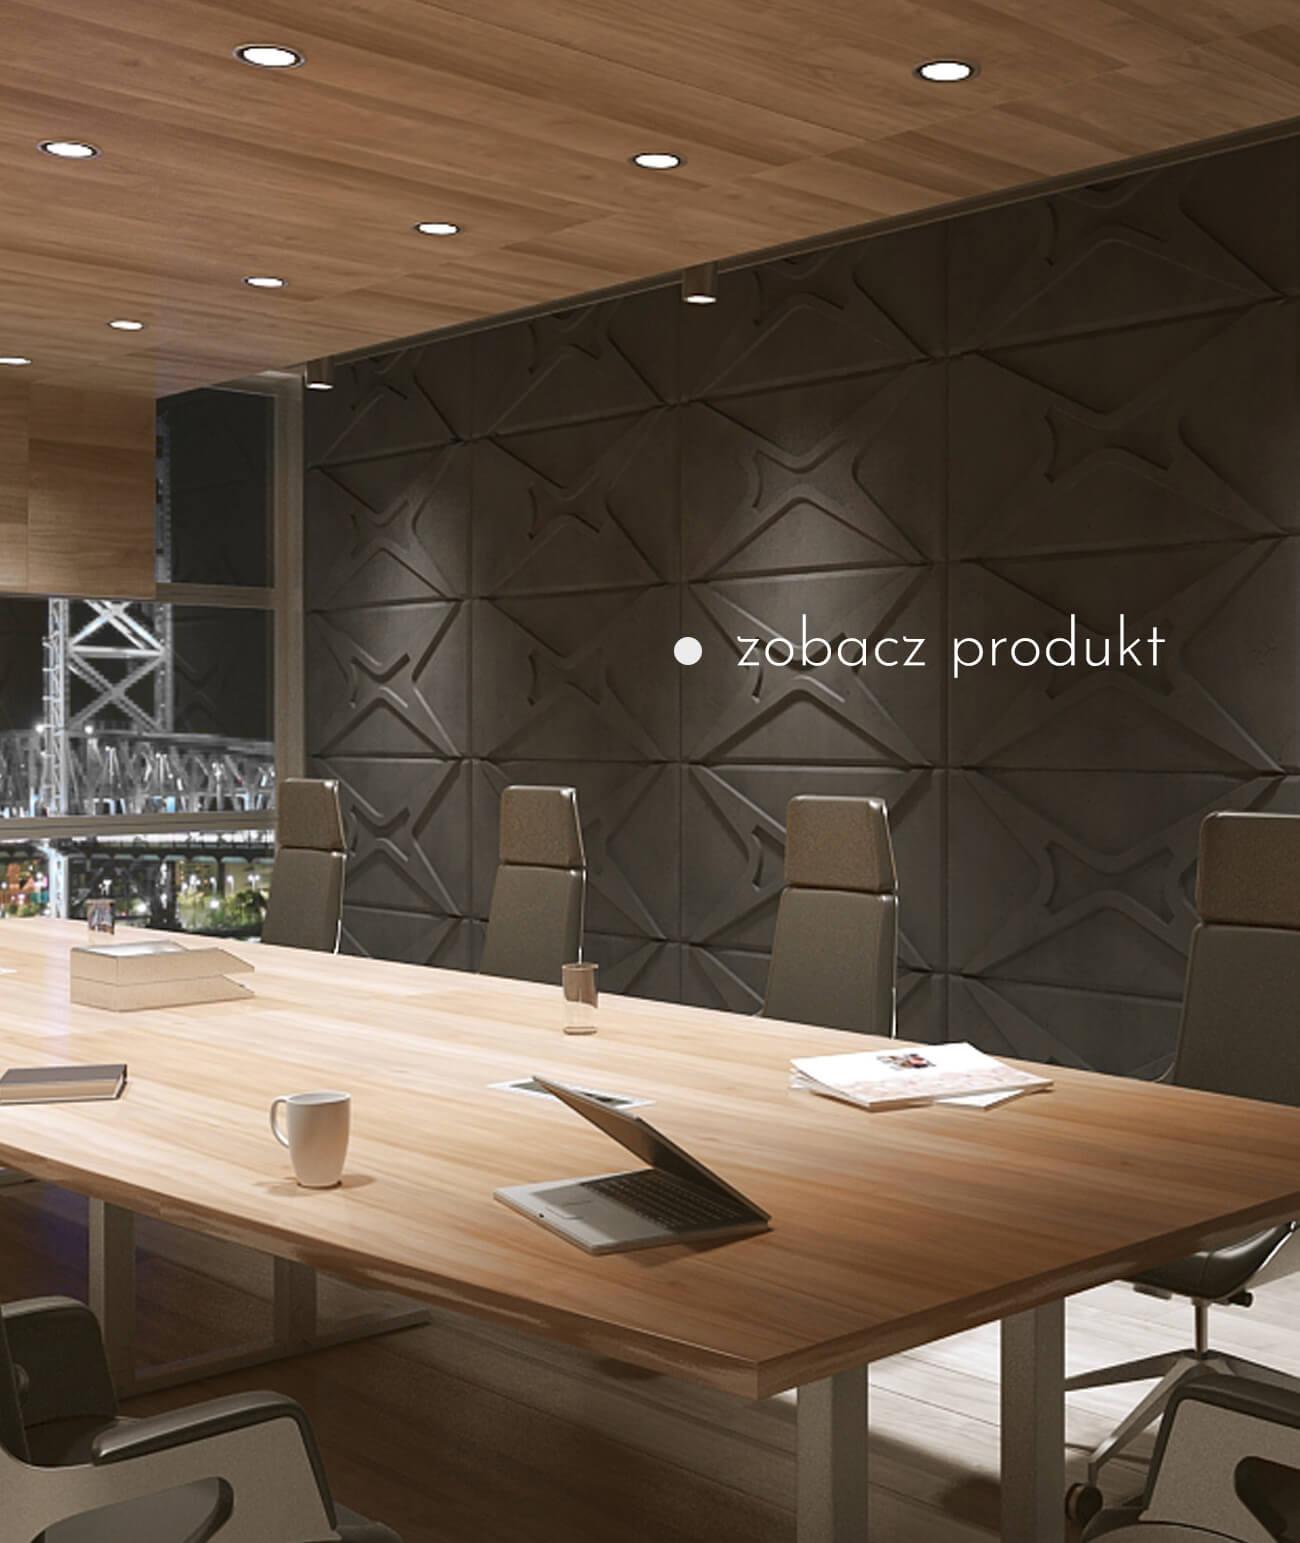 panele-betonowe-3d-scienne-i-elewacyjne-beton-architektoniczny_512-2781-pb17-b15-czarny-modul-x---panel-dekor-3d-beton-architektoniczny-panel-scienny